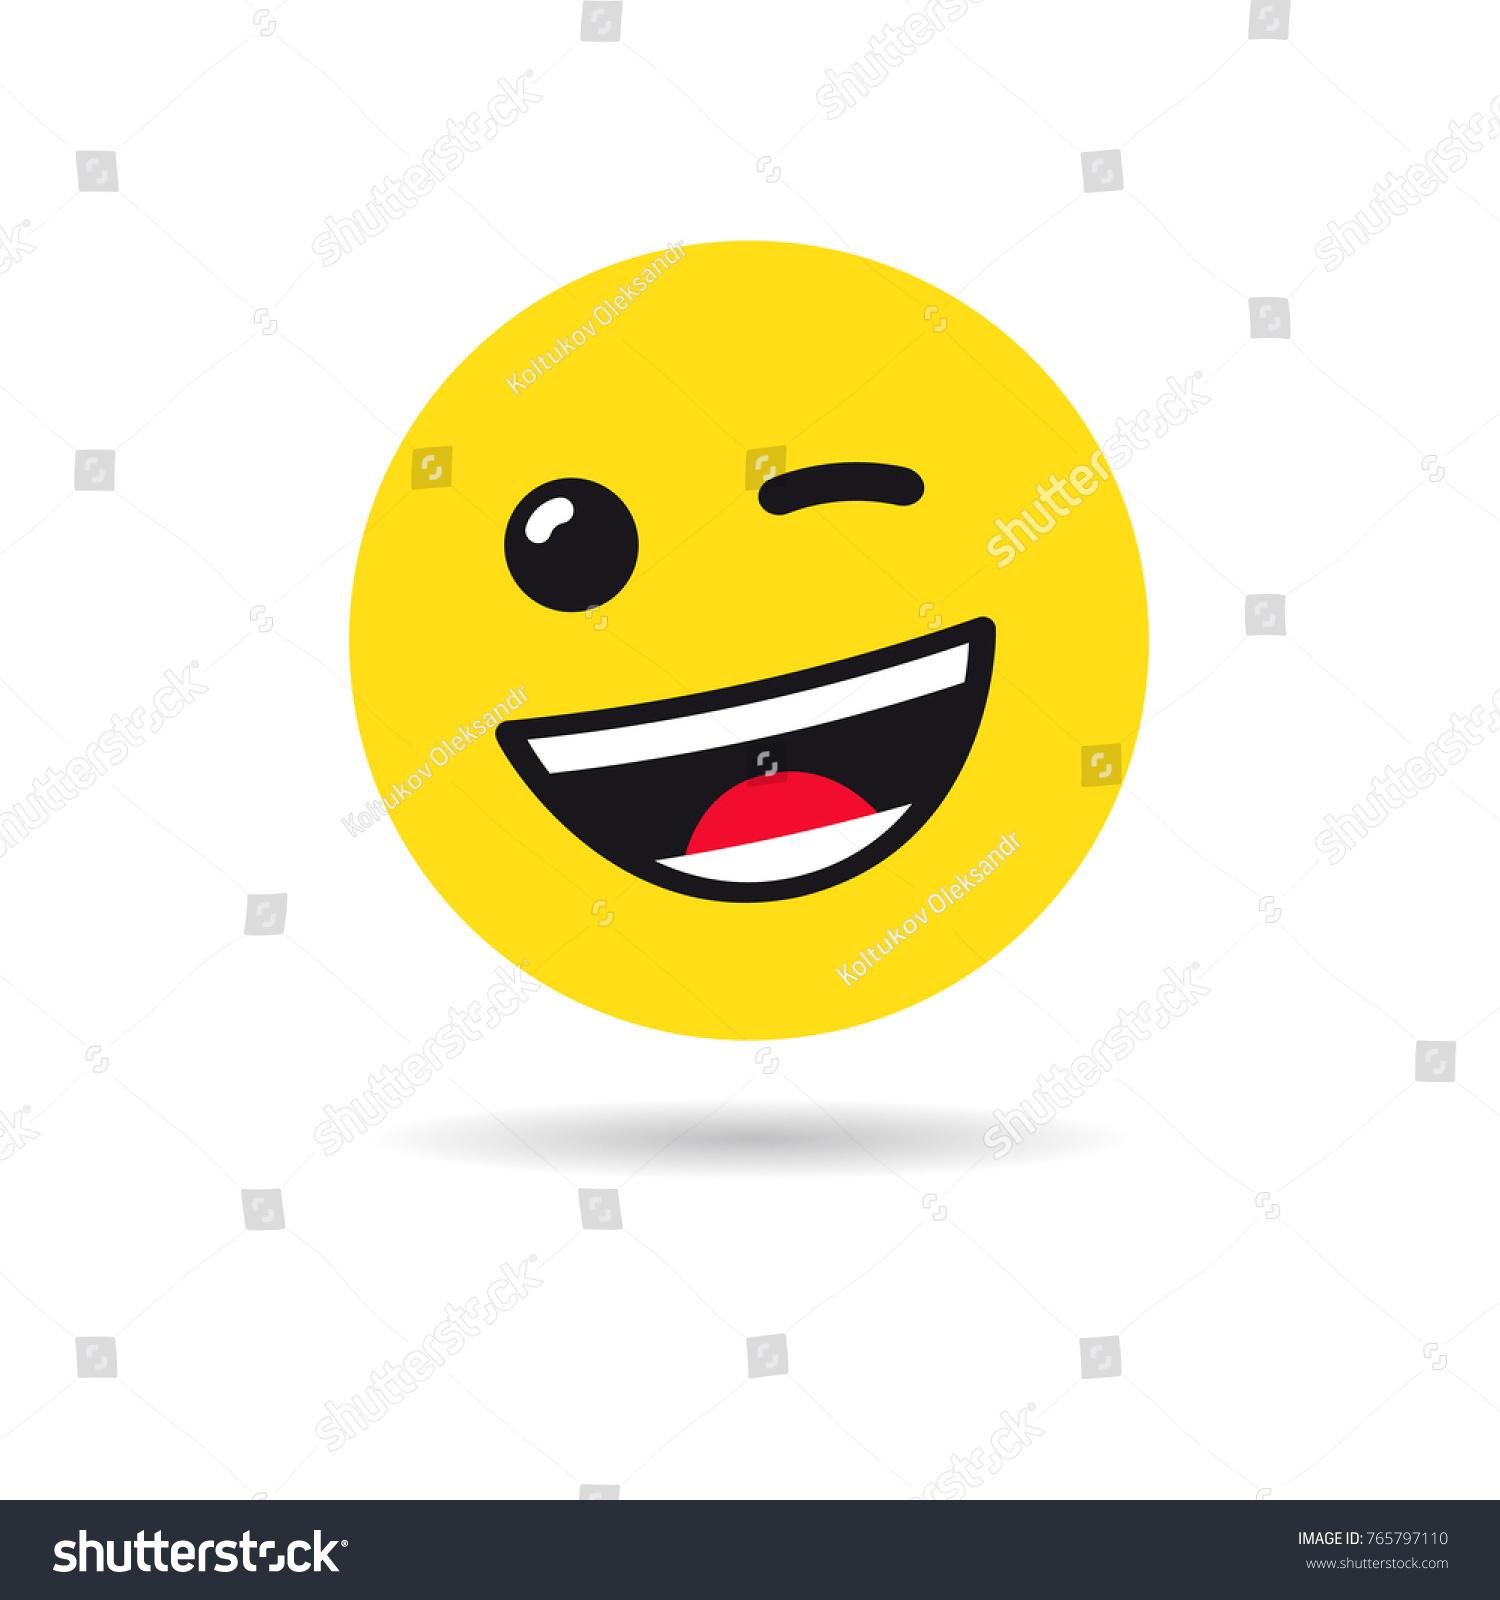 Image Vectorielle De Stock De Wink Emoticon Ou Le Symbole Emoji 765797110